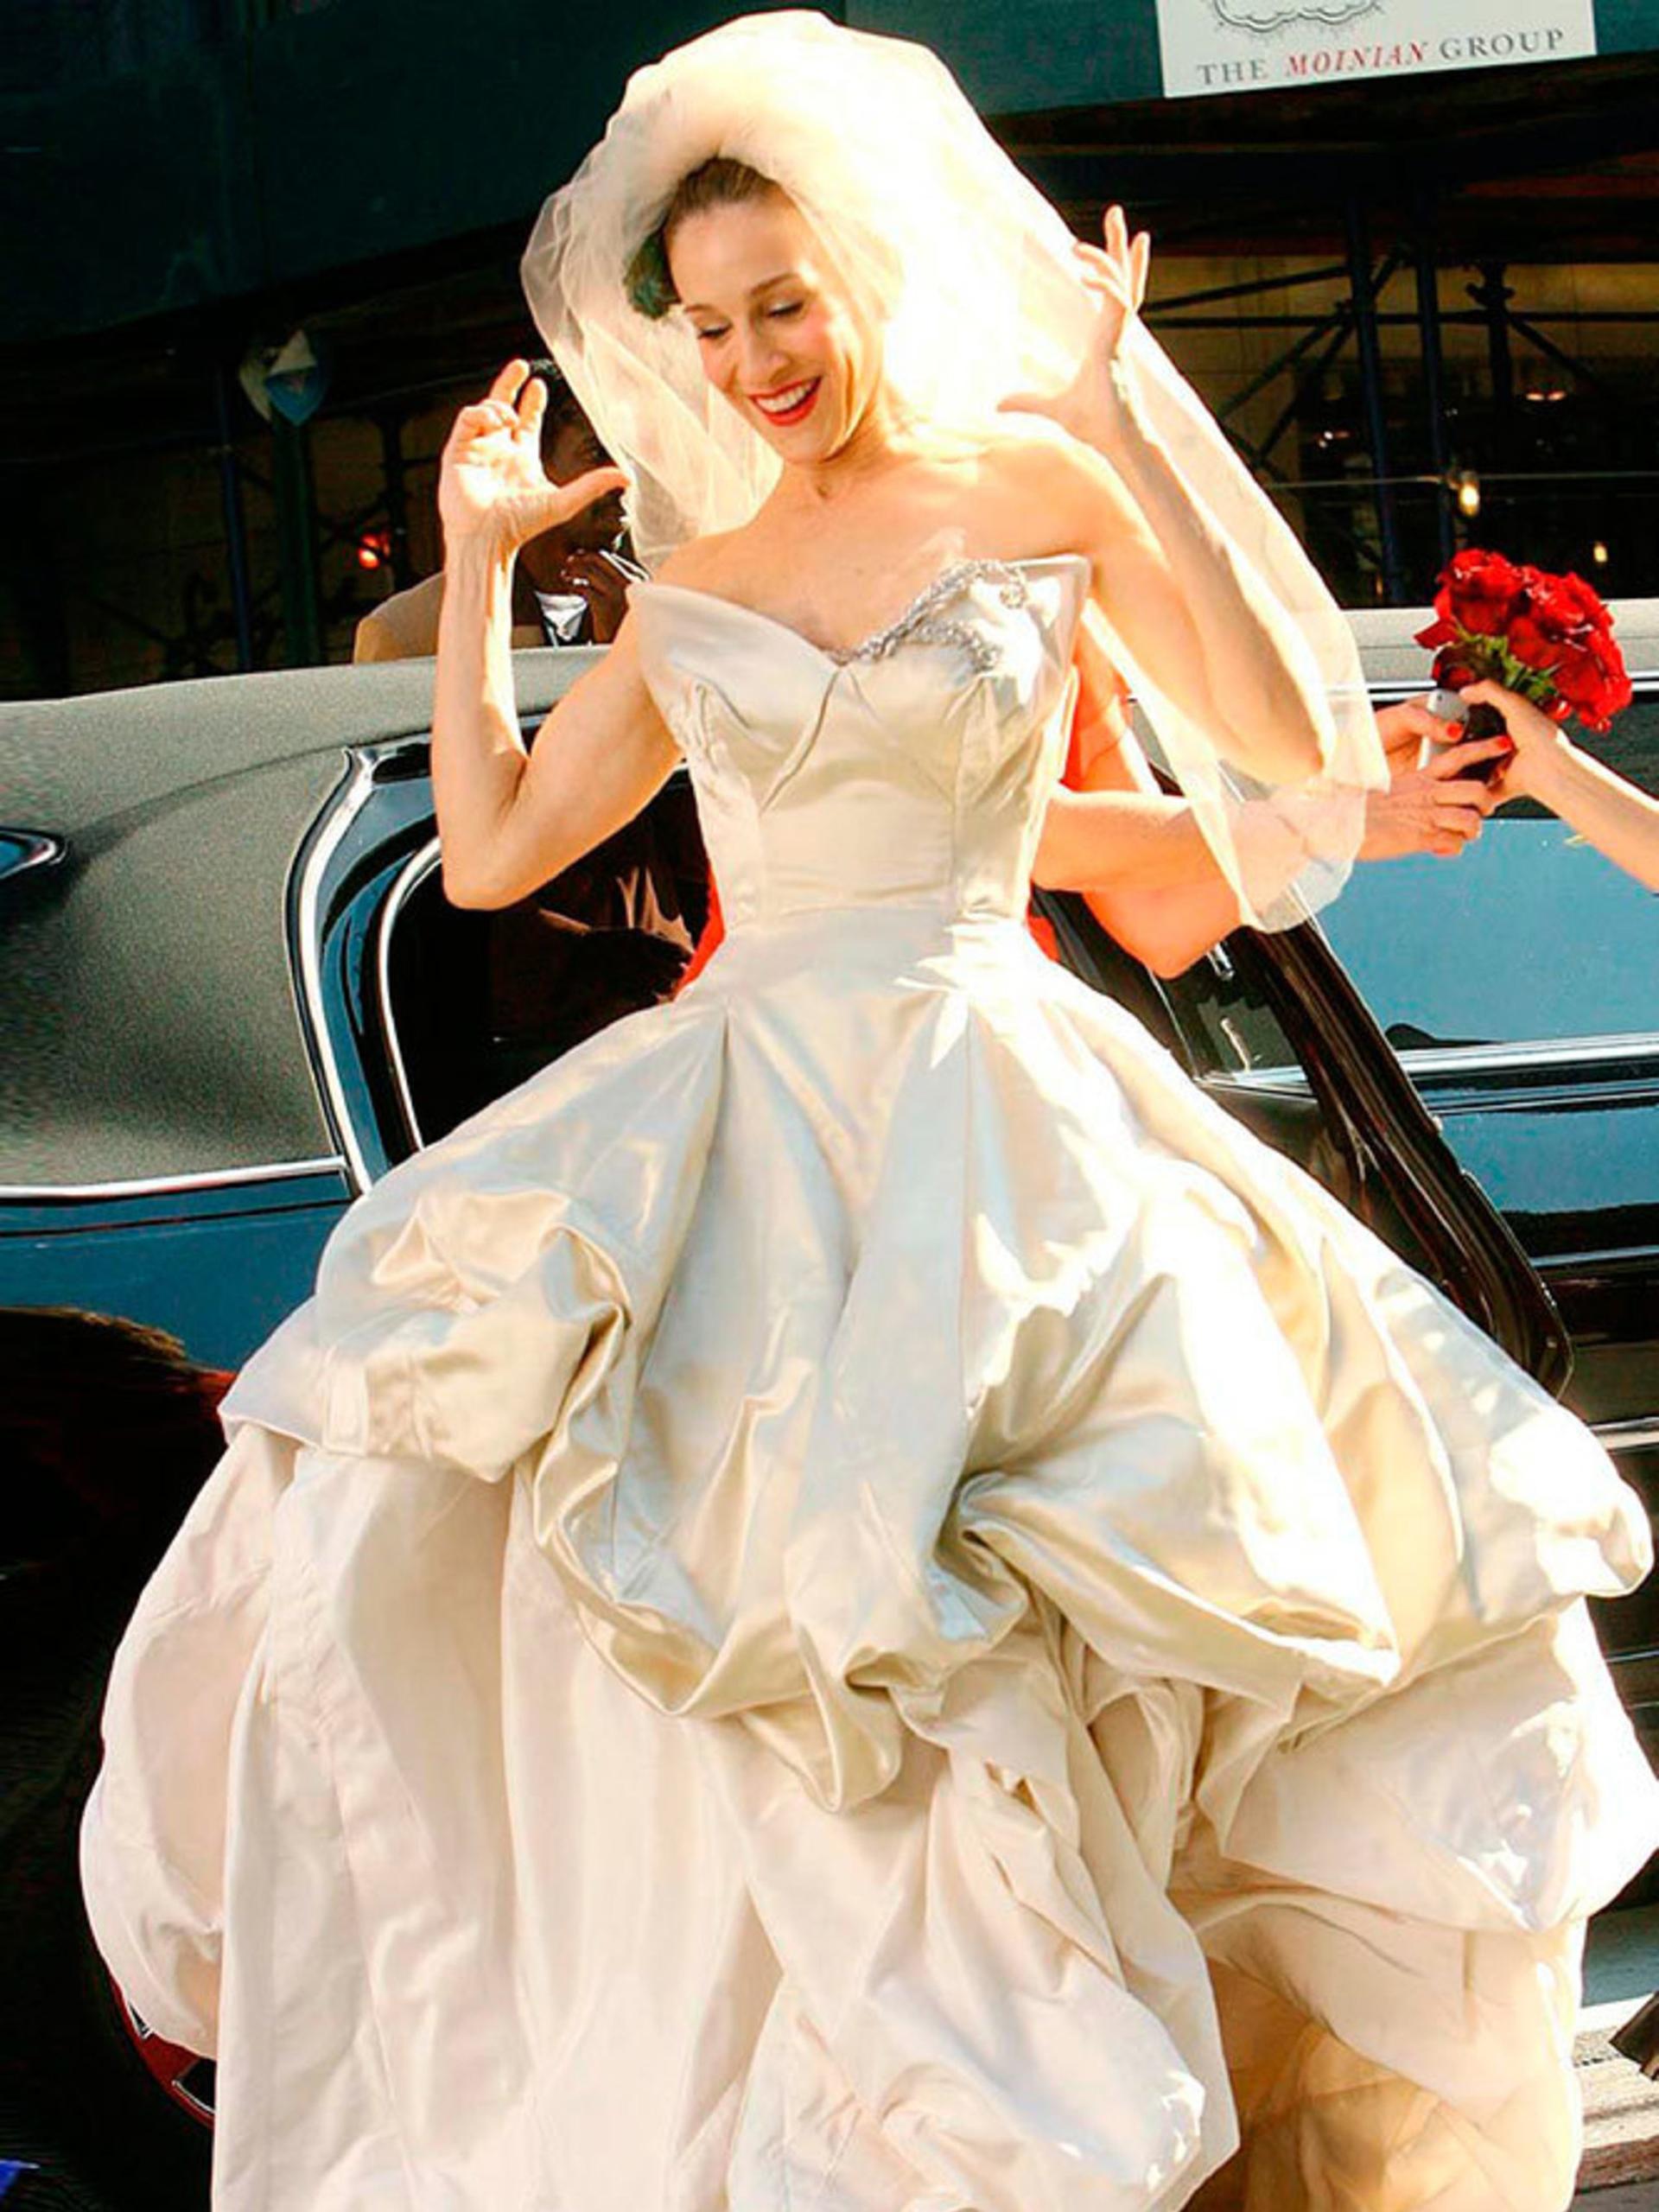 Sarah Jessica Parker en la piel de la fashionista Carrie Bradshaw en el día de su boda -que no fue- con Mr. Big. La diseñadora Vivianne Westwood le envió como regalo el vestido que había lucido en una producción para Vogue. Escote V en pico y con corpiño armado y falda voluptuosa y un increíble tocado con velo